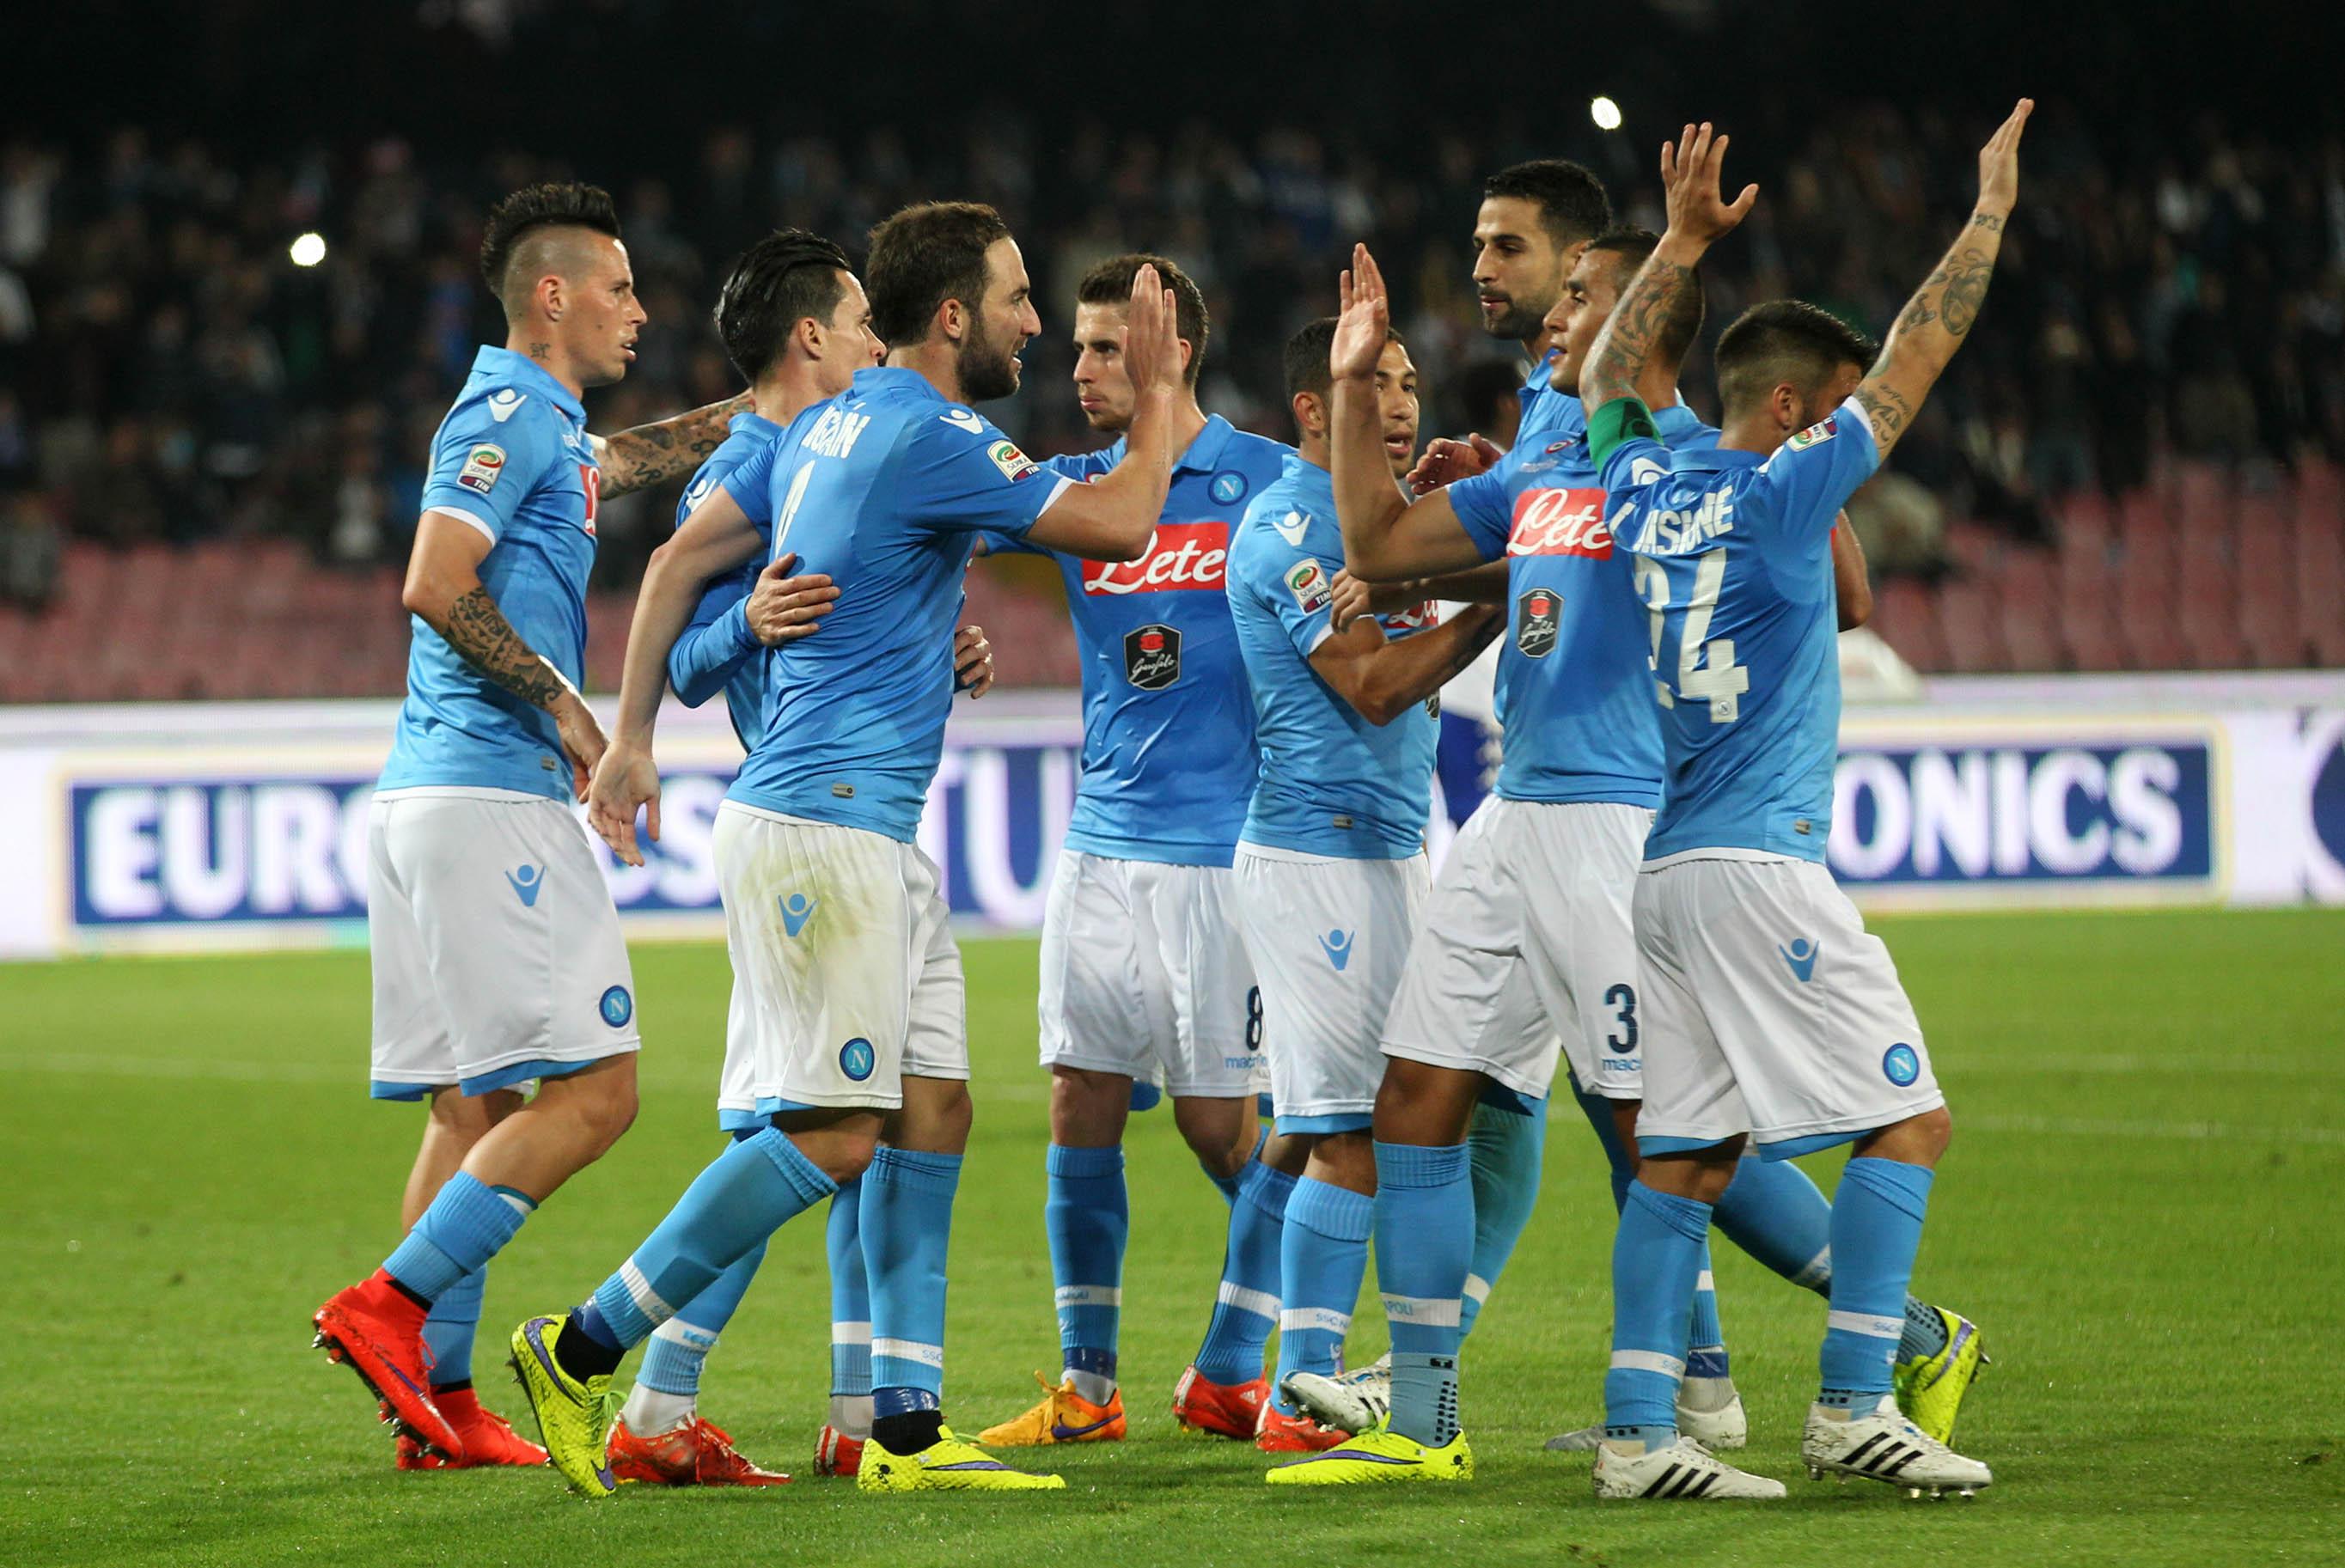 Napoli Sampdoria esultanza gol - ROAD TV ITALIA